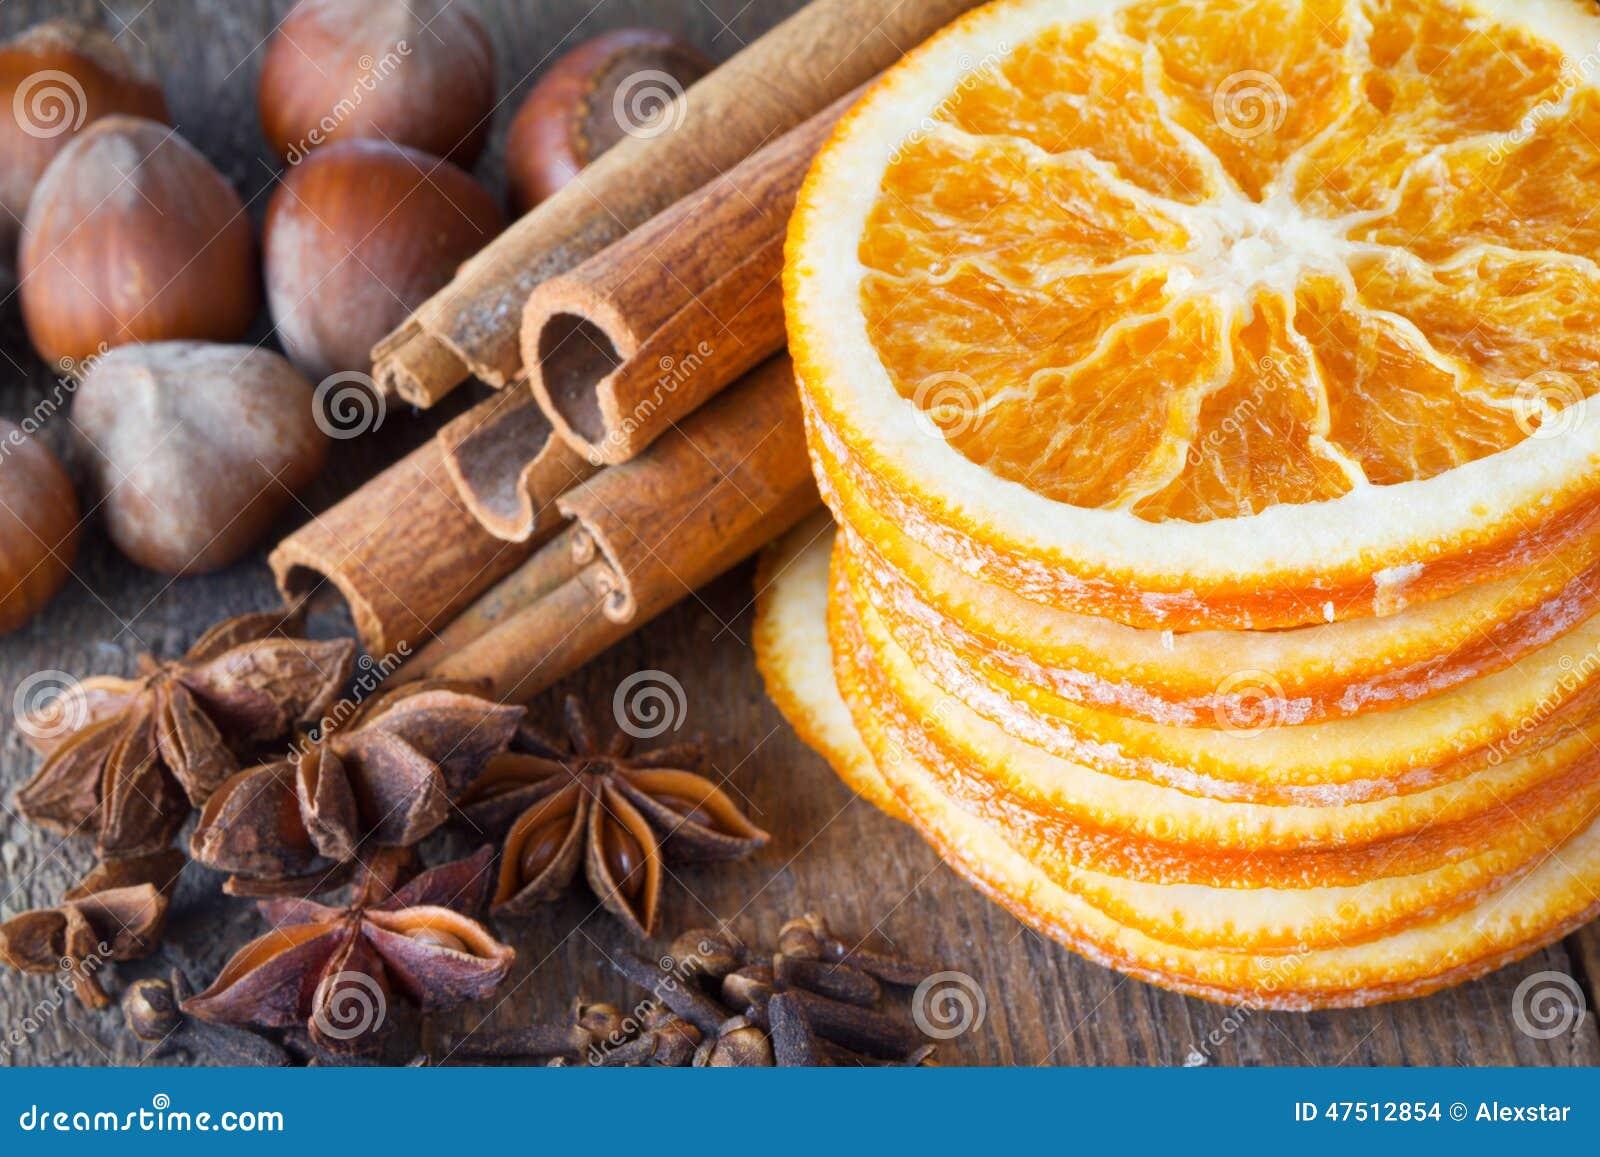 En el feng shui la naranja se asocia a la prosperidad y - Feng shui prosperidad ...